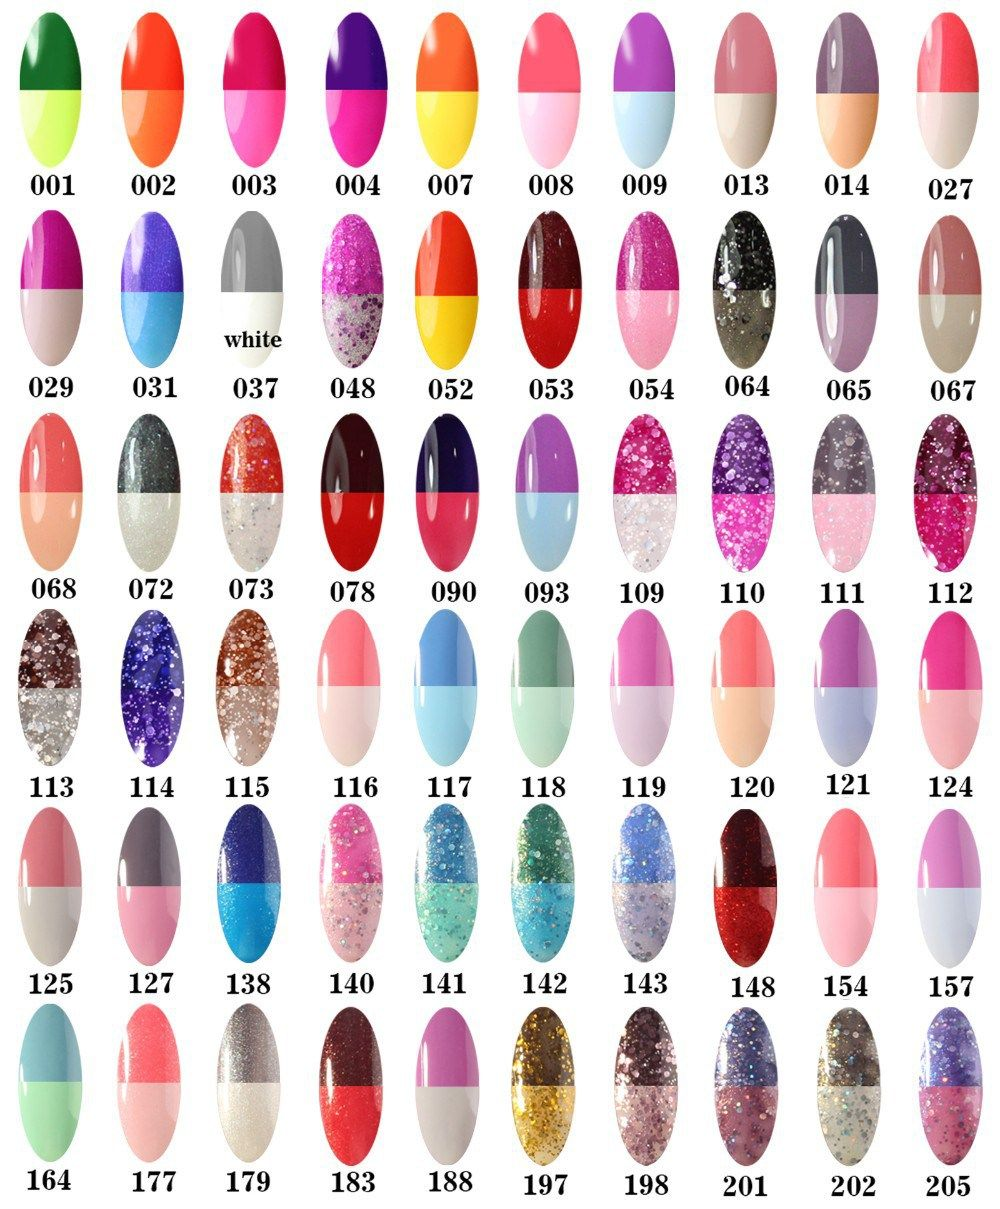 www.NailsMix.com Temperature Changing Color! Price:$3.89/piece Price:$2.99/piece Price:$1.99/piece